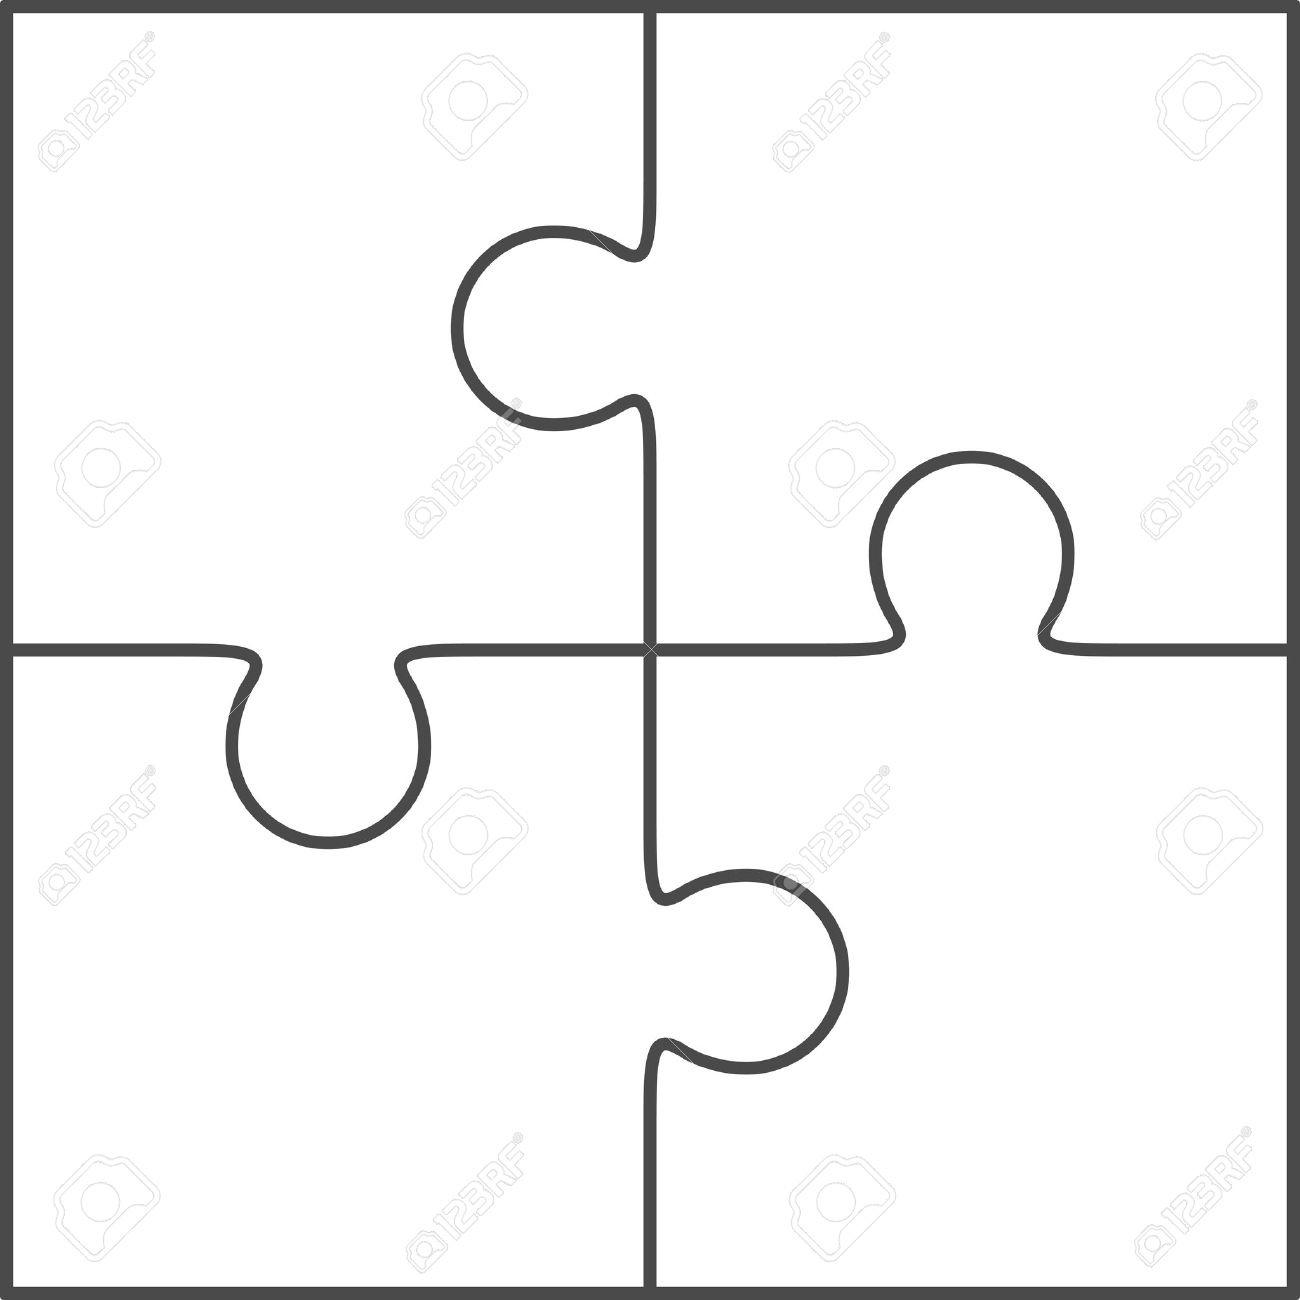 Puzzle Piece Outline | Free Download Best Puzzle Piece Outline On - Free Blank Printable Puzzle Pieces